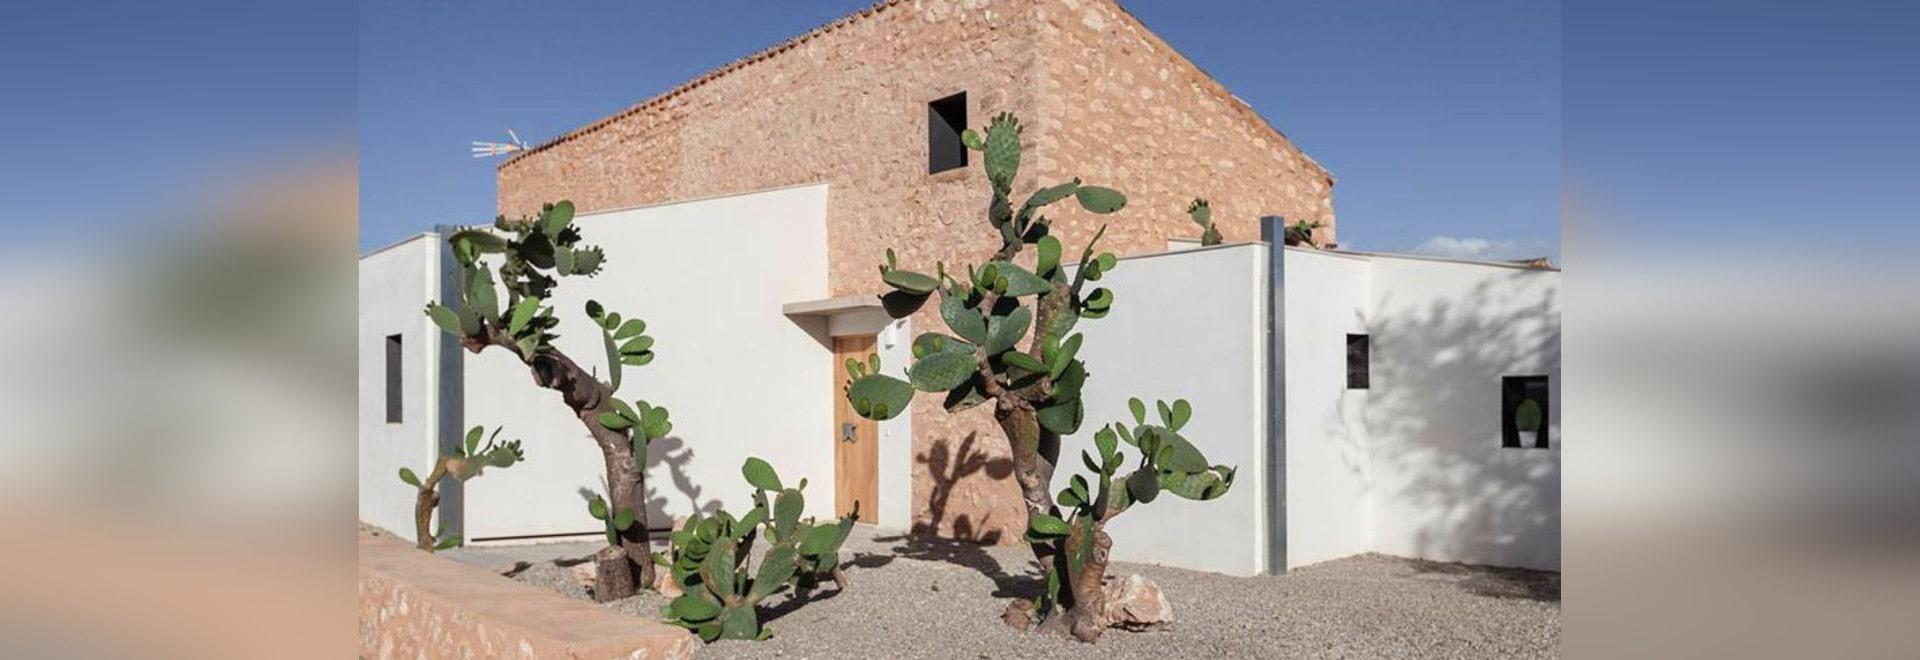 Los arquitectos de Munarq transformaron un cortijo que desmenuzaba ...